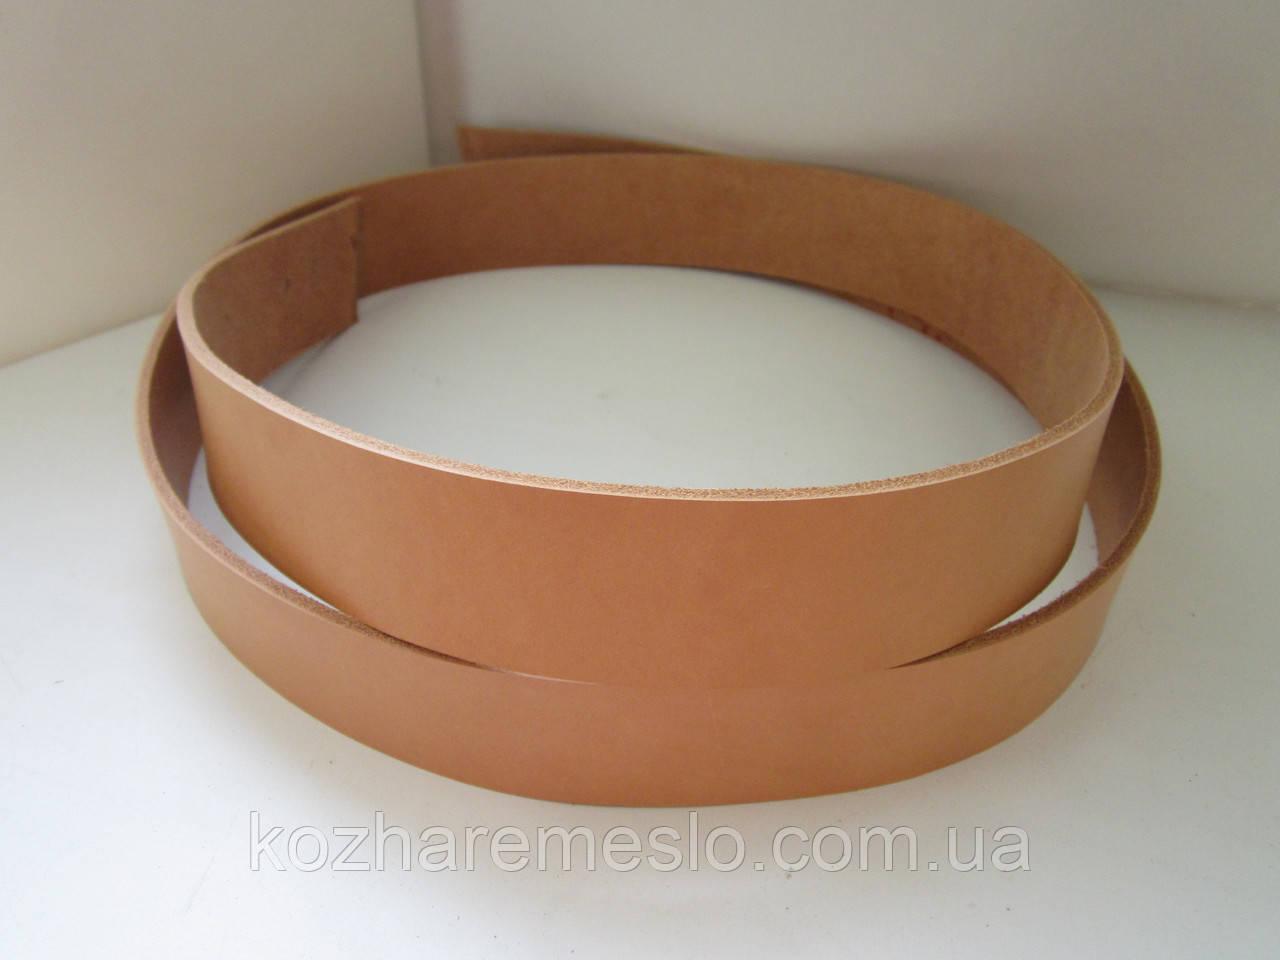 Ременная полоса из кожи растительного дубления 25 мм, толщина 3,6 - 4,0 мм